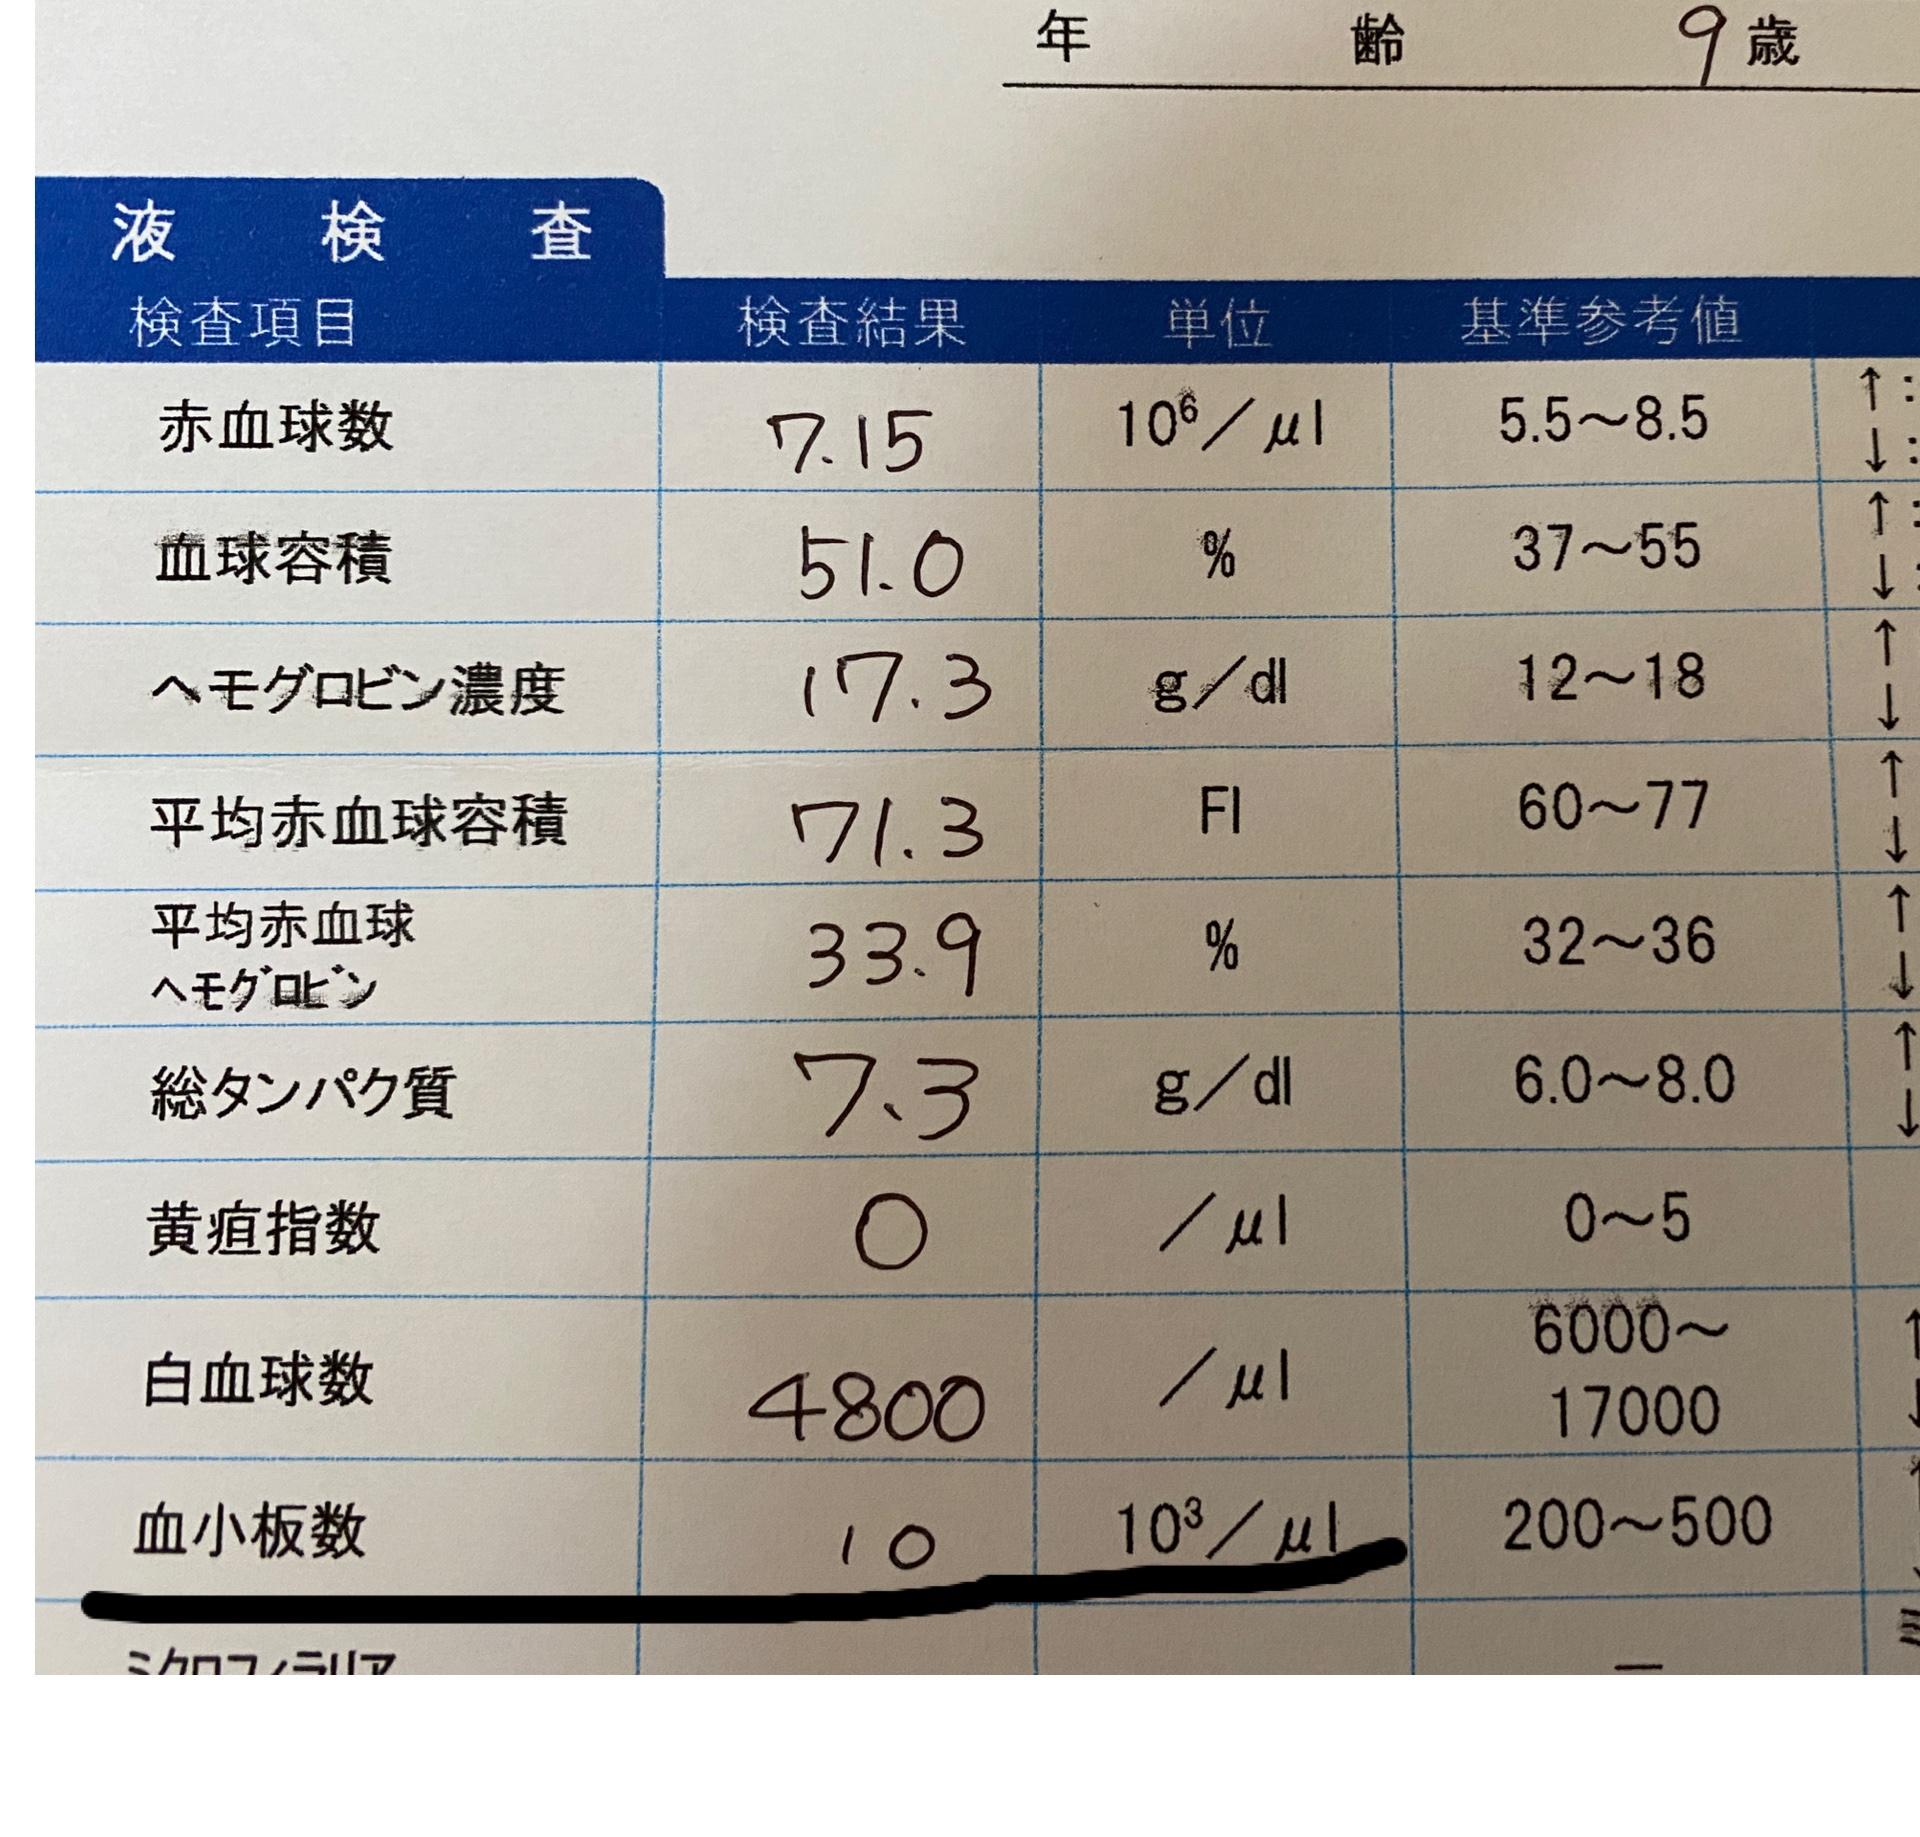 血液データ